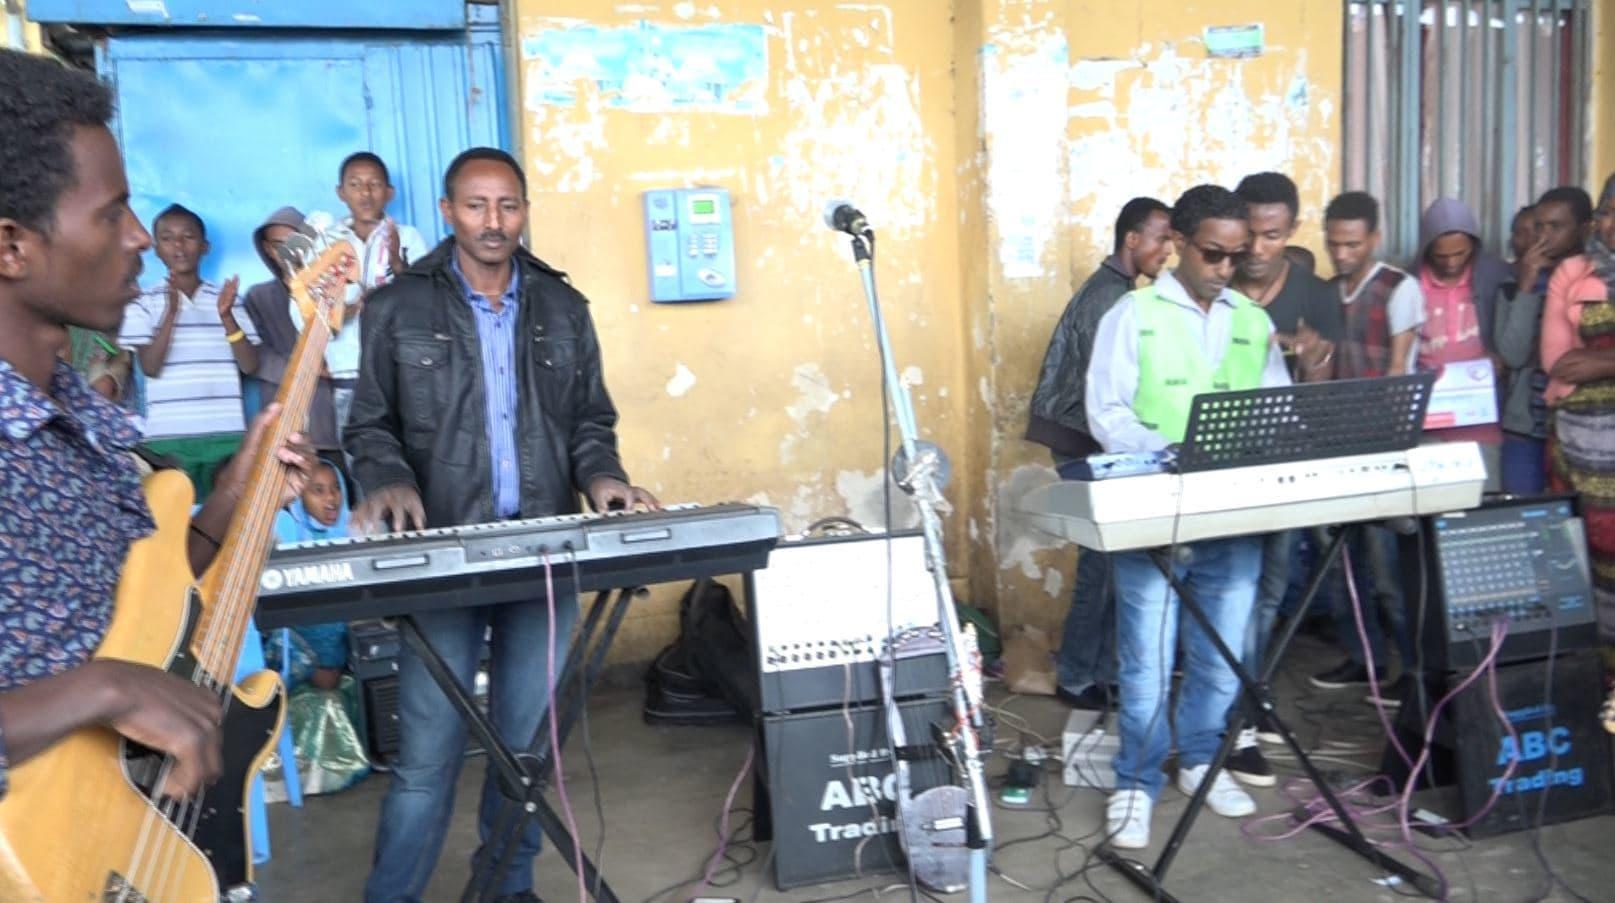 Reisetagebuch Äthiopien (Teil 2): Die Show über Sexualaufklärung an der Bushaltestelle